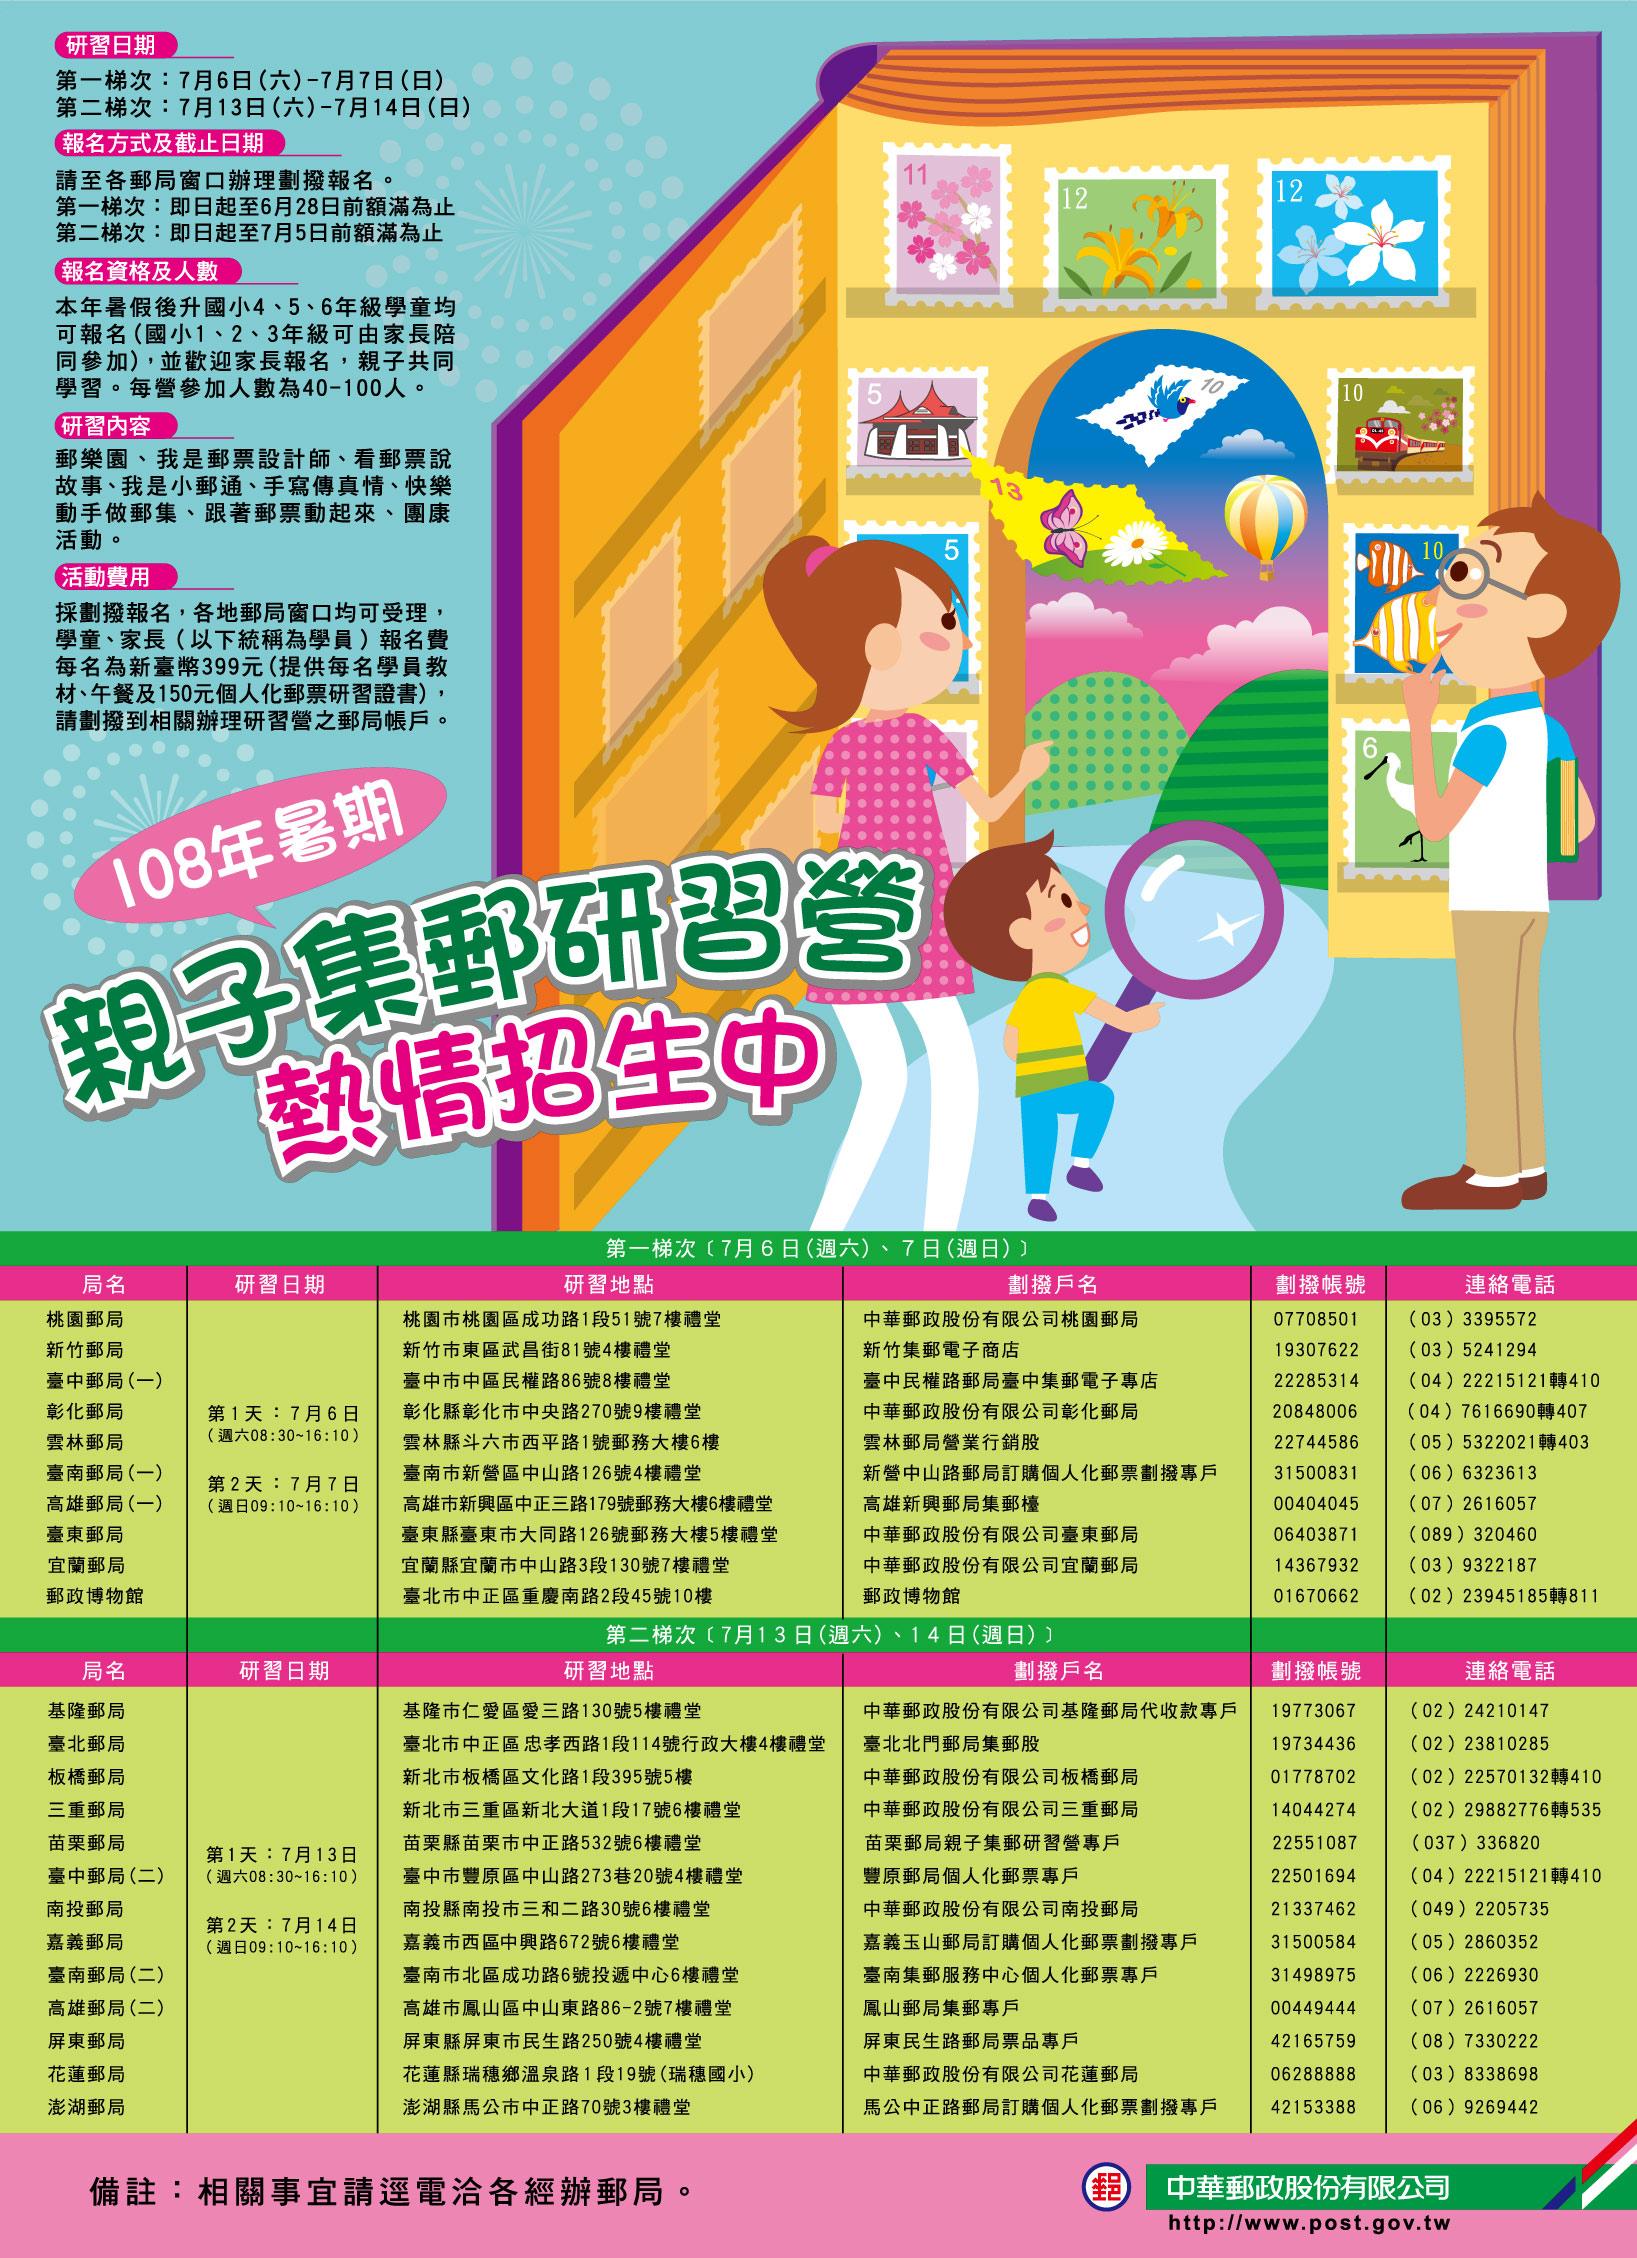 108.7.13-14屏東郵局暑期親子集郵研習營